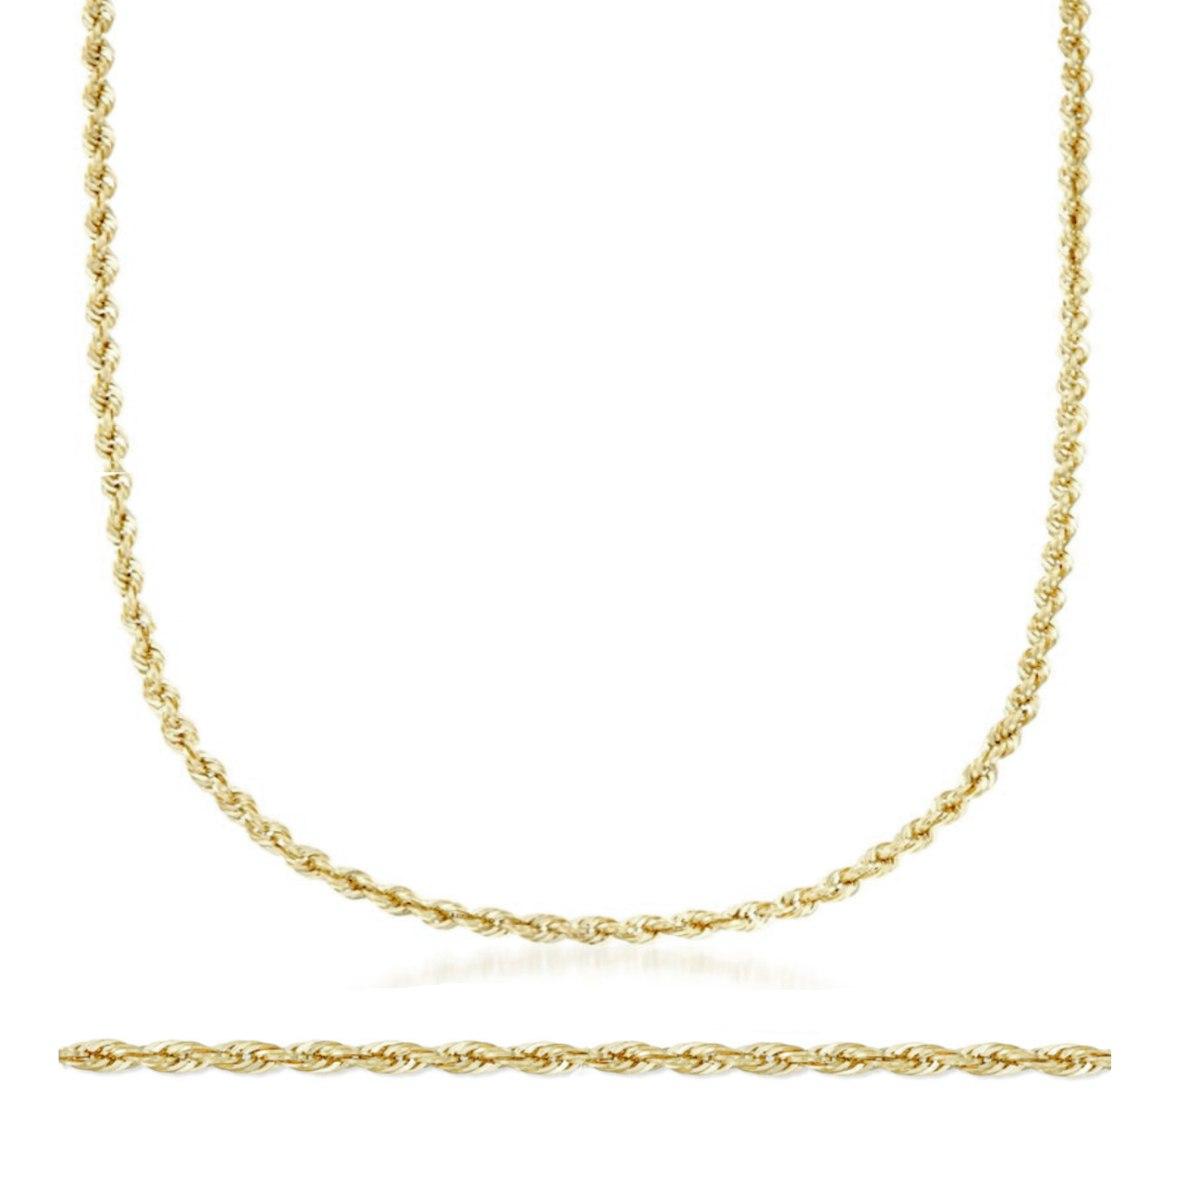 שרשרת חבל לגבר│ שרשרת חבל זהב │ 60 סמ אורך │ 3.8 ממ רוחב